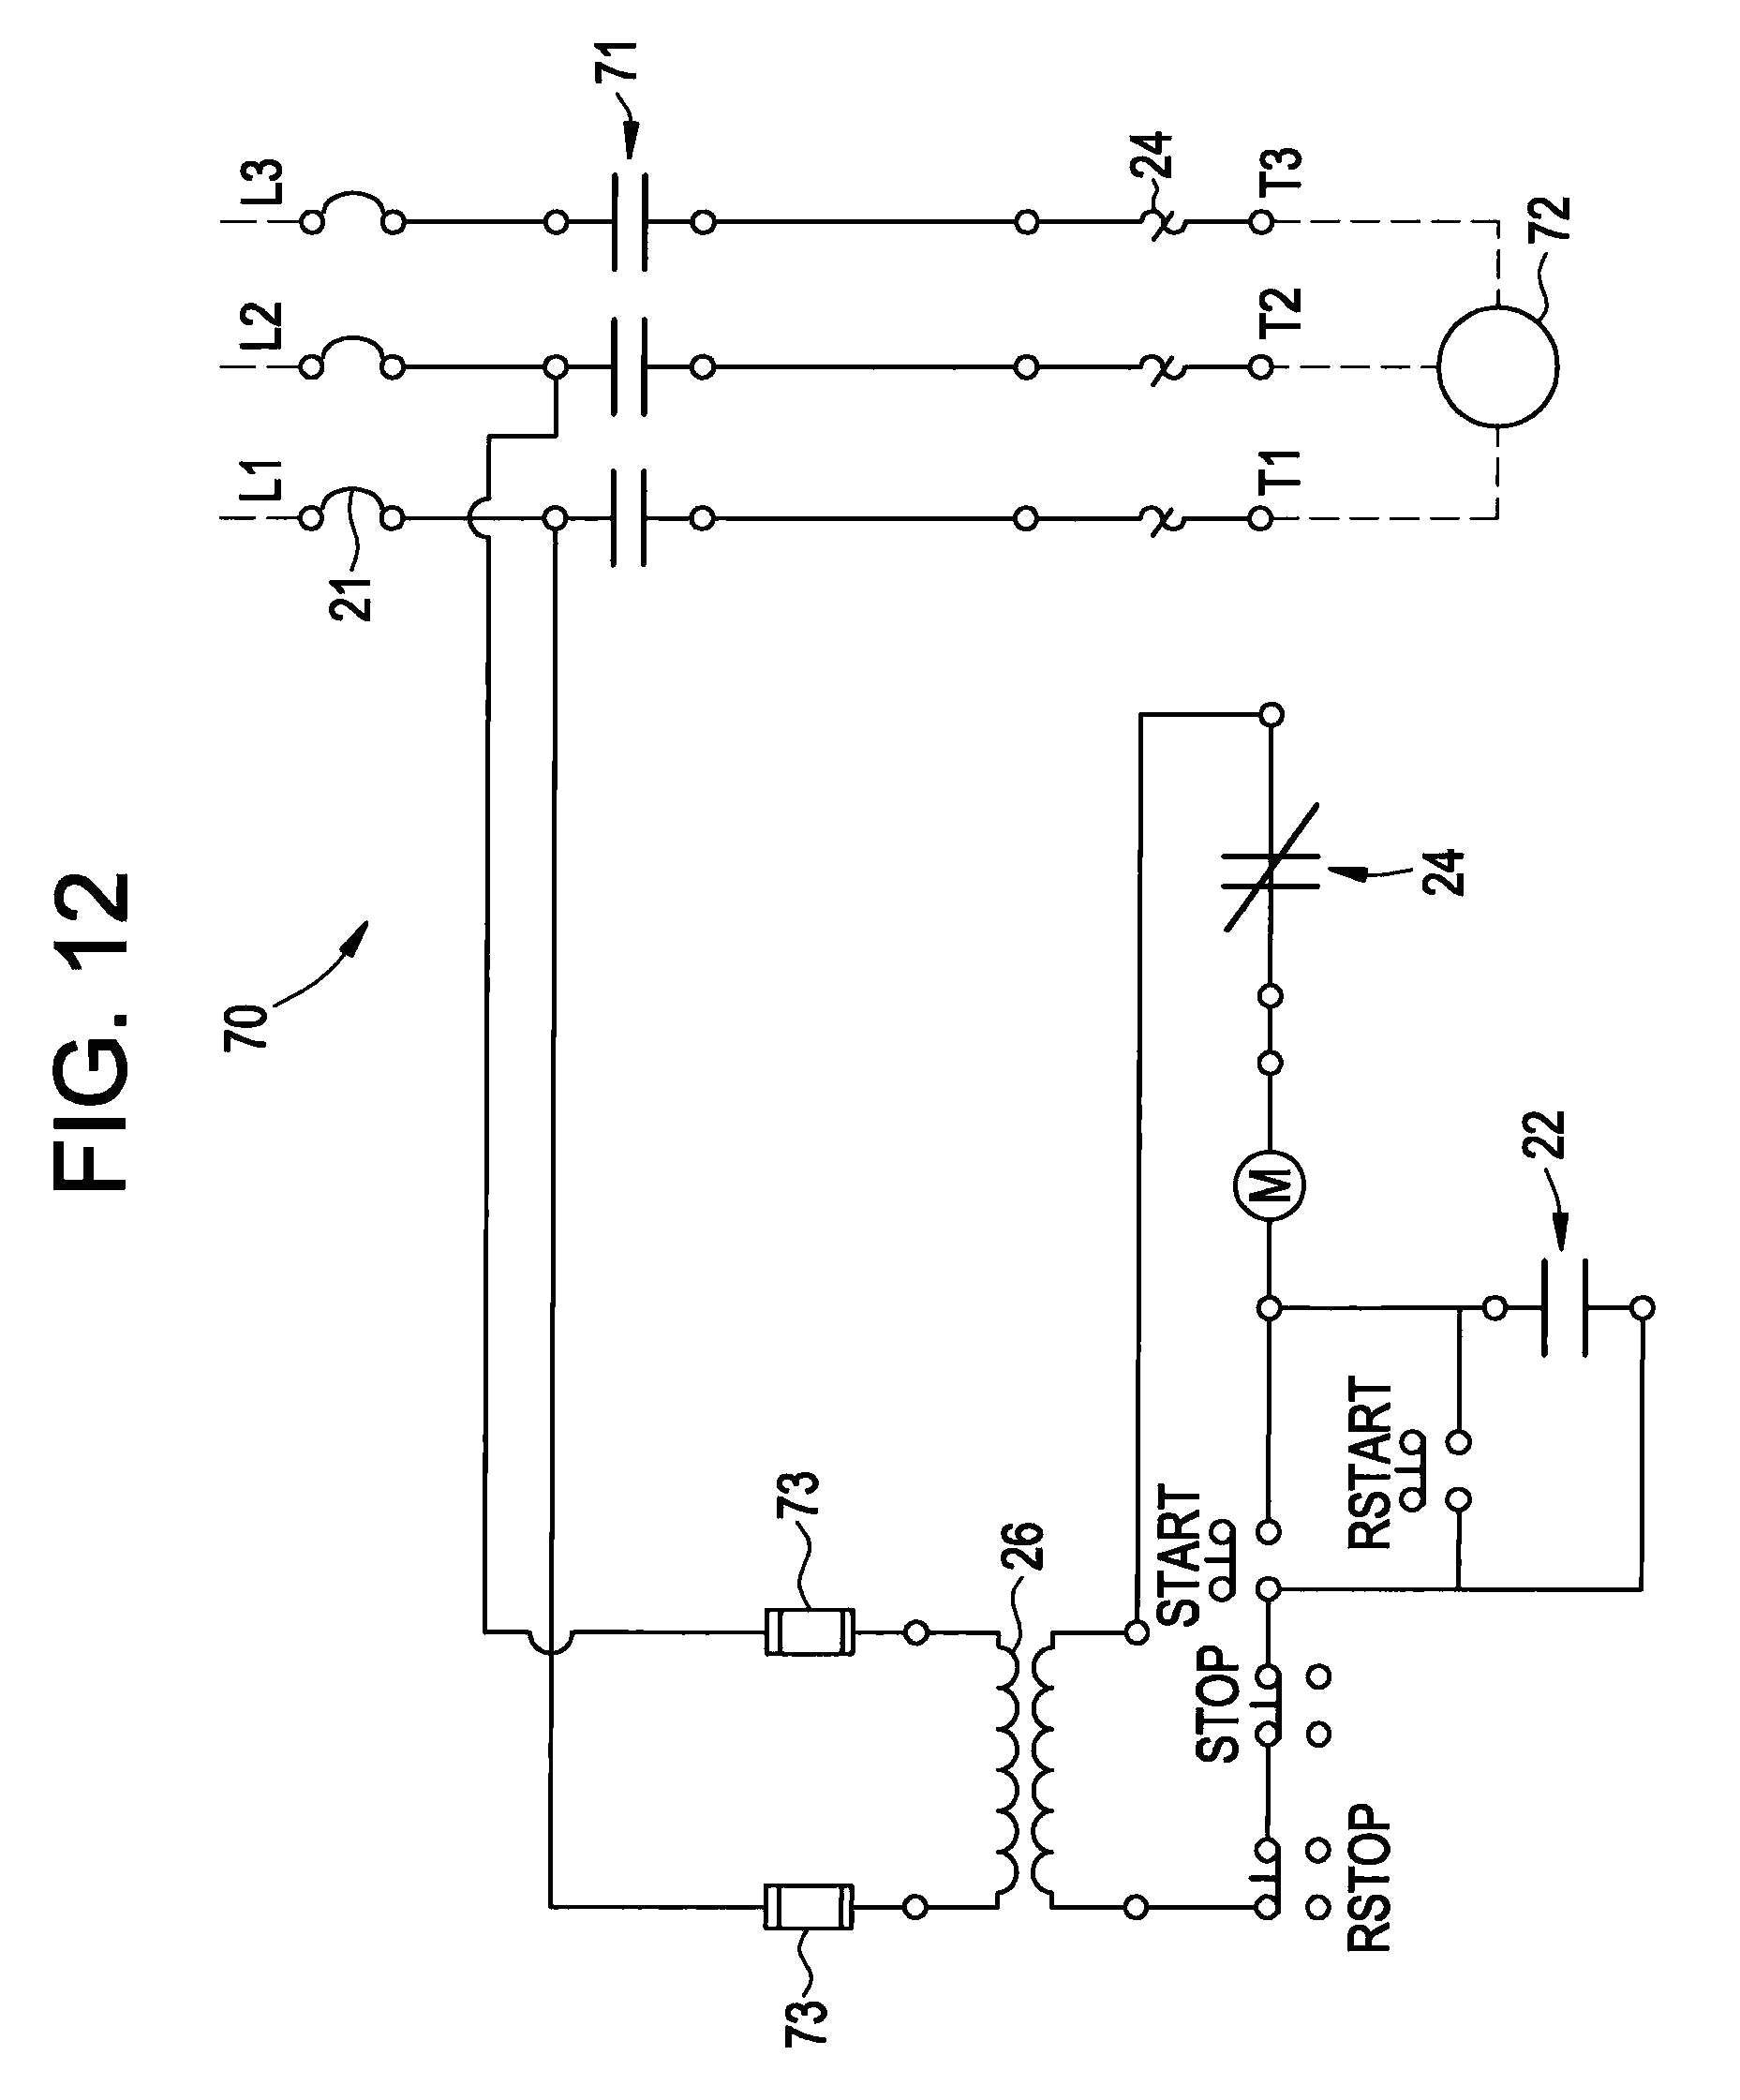 wiring diagram electrical wiring diagram electrical wiring math wiring diagram for first grade math wiring diagram